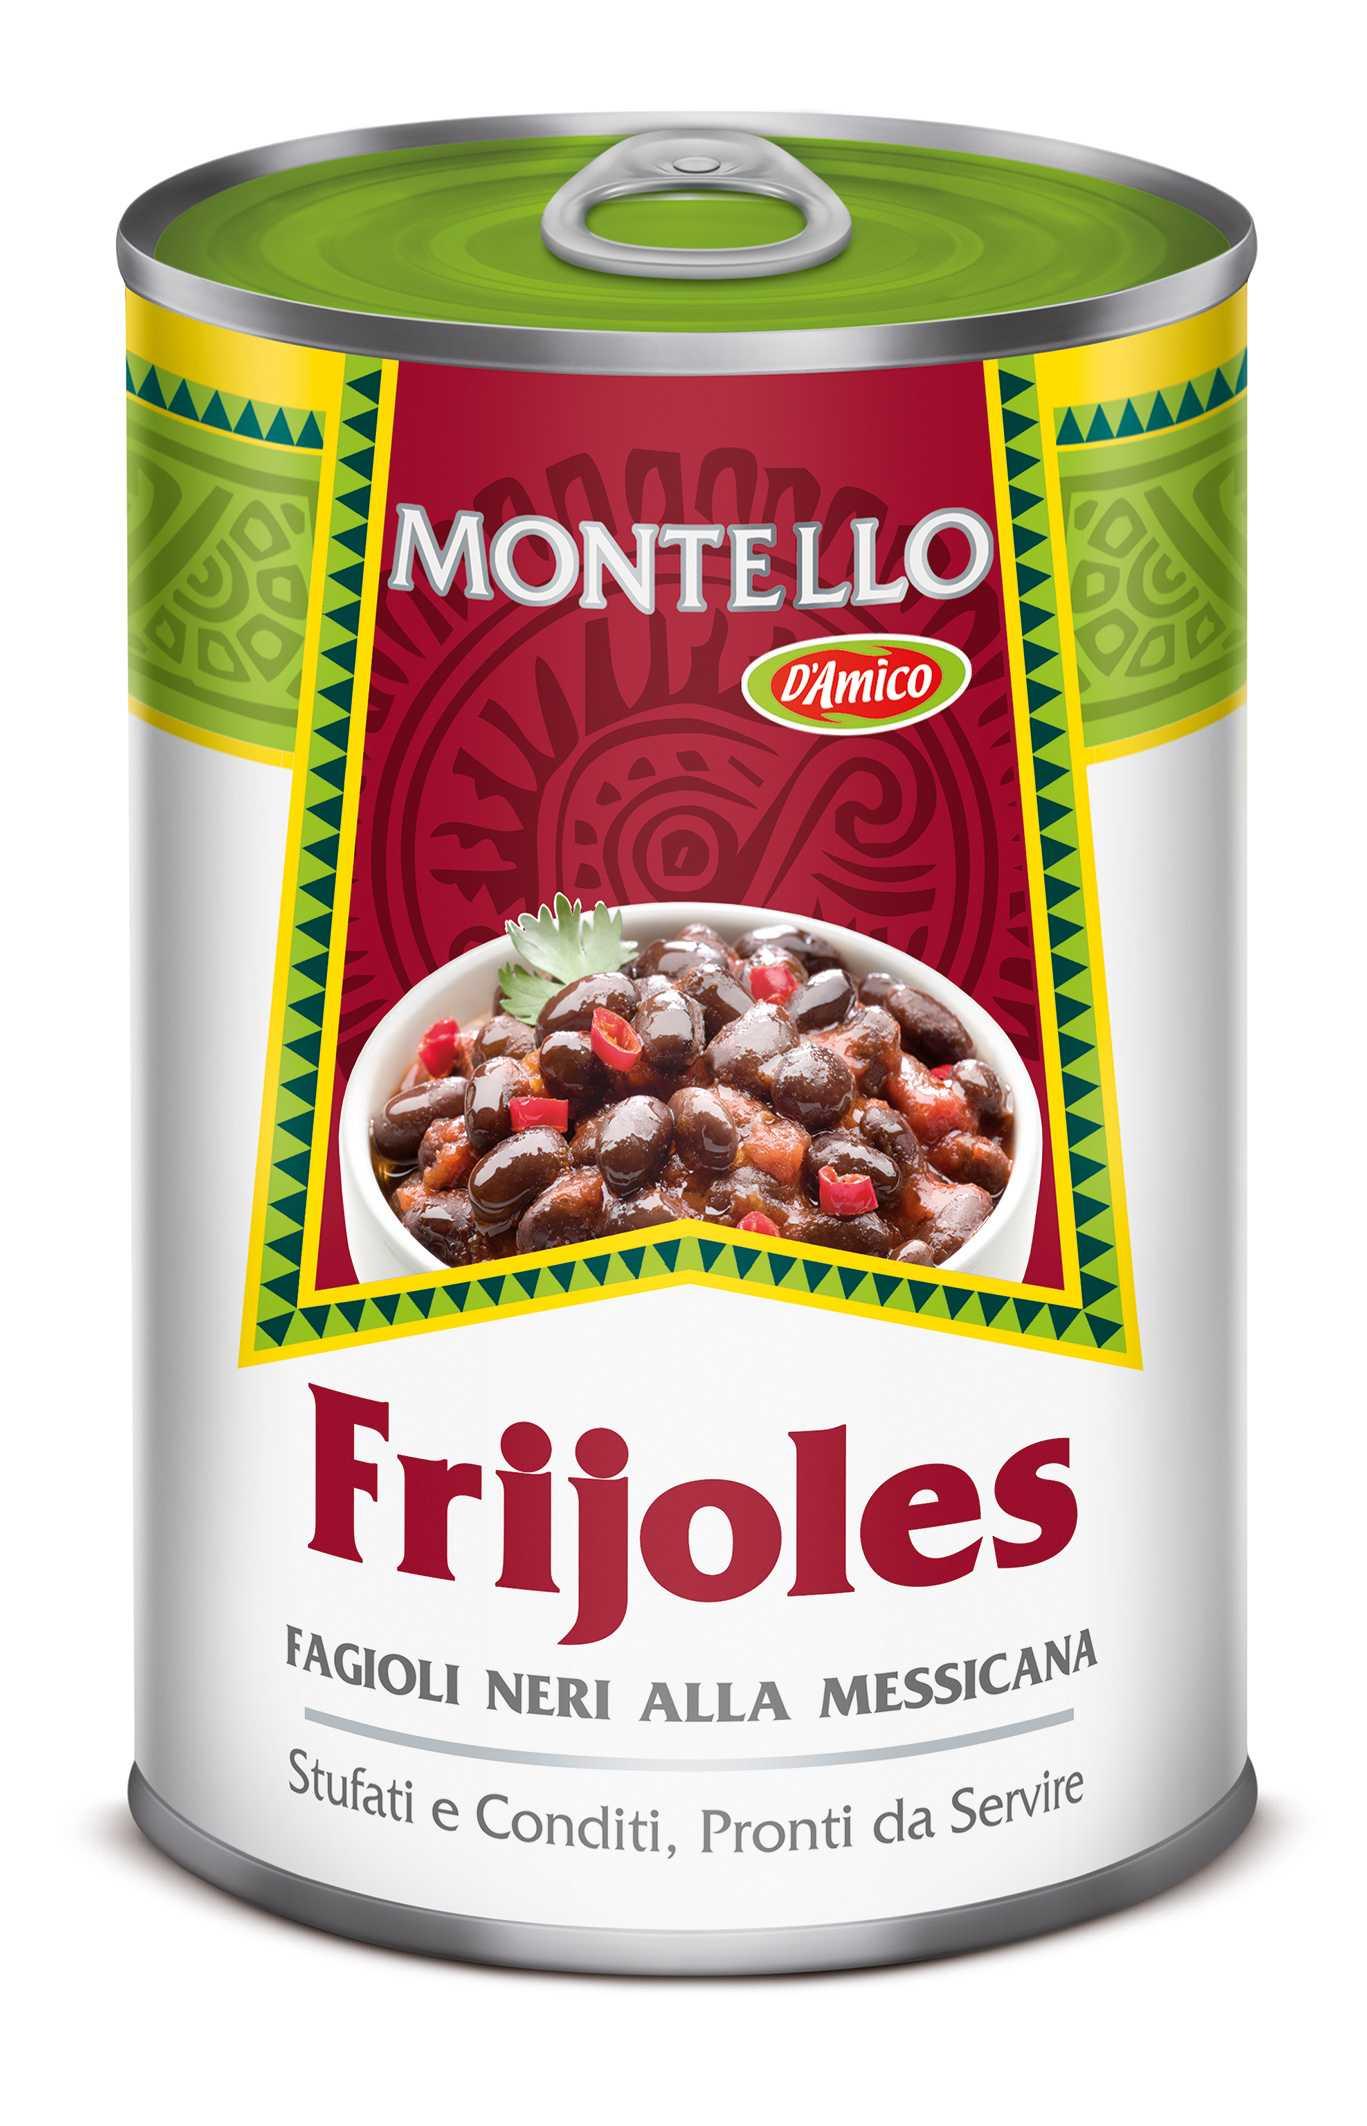 Frijoles fagioli neri alla messicana